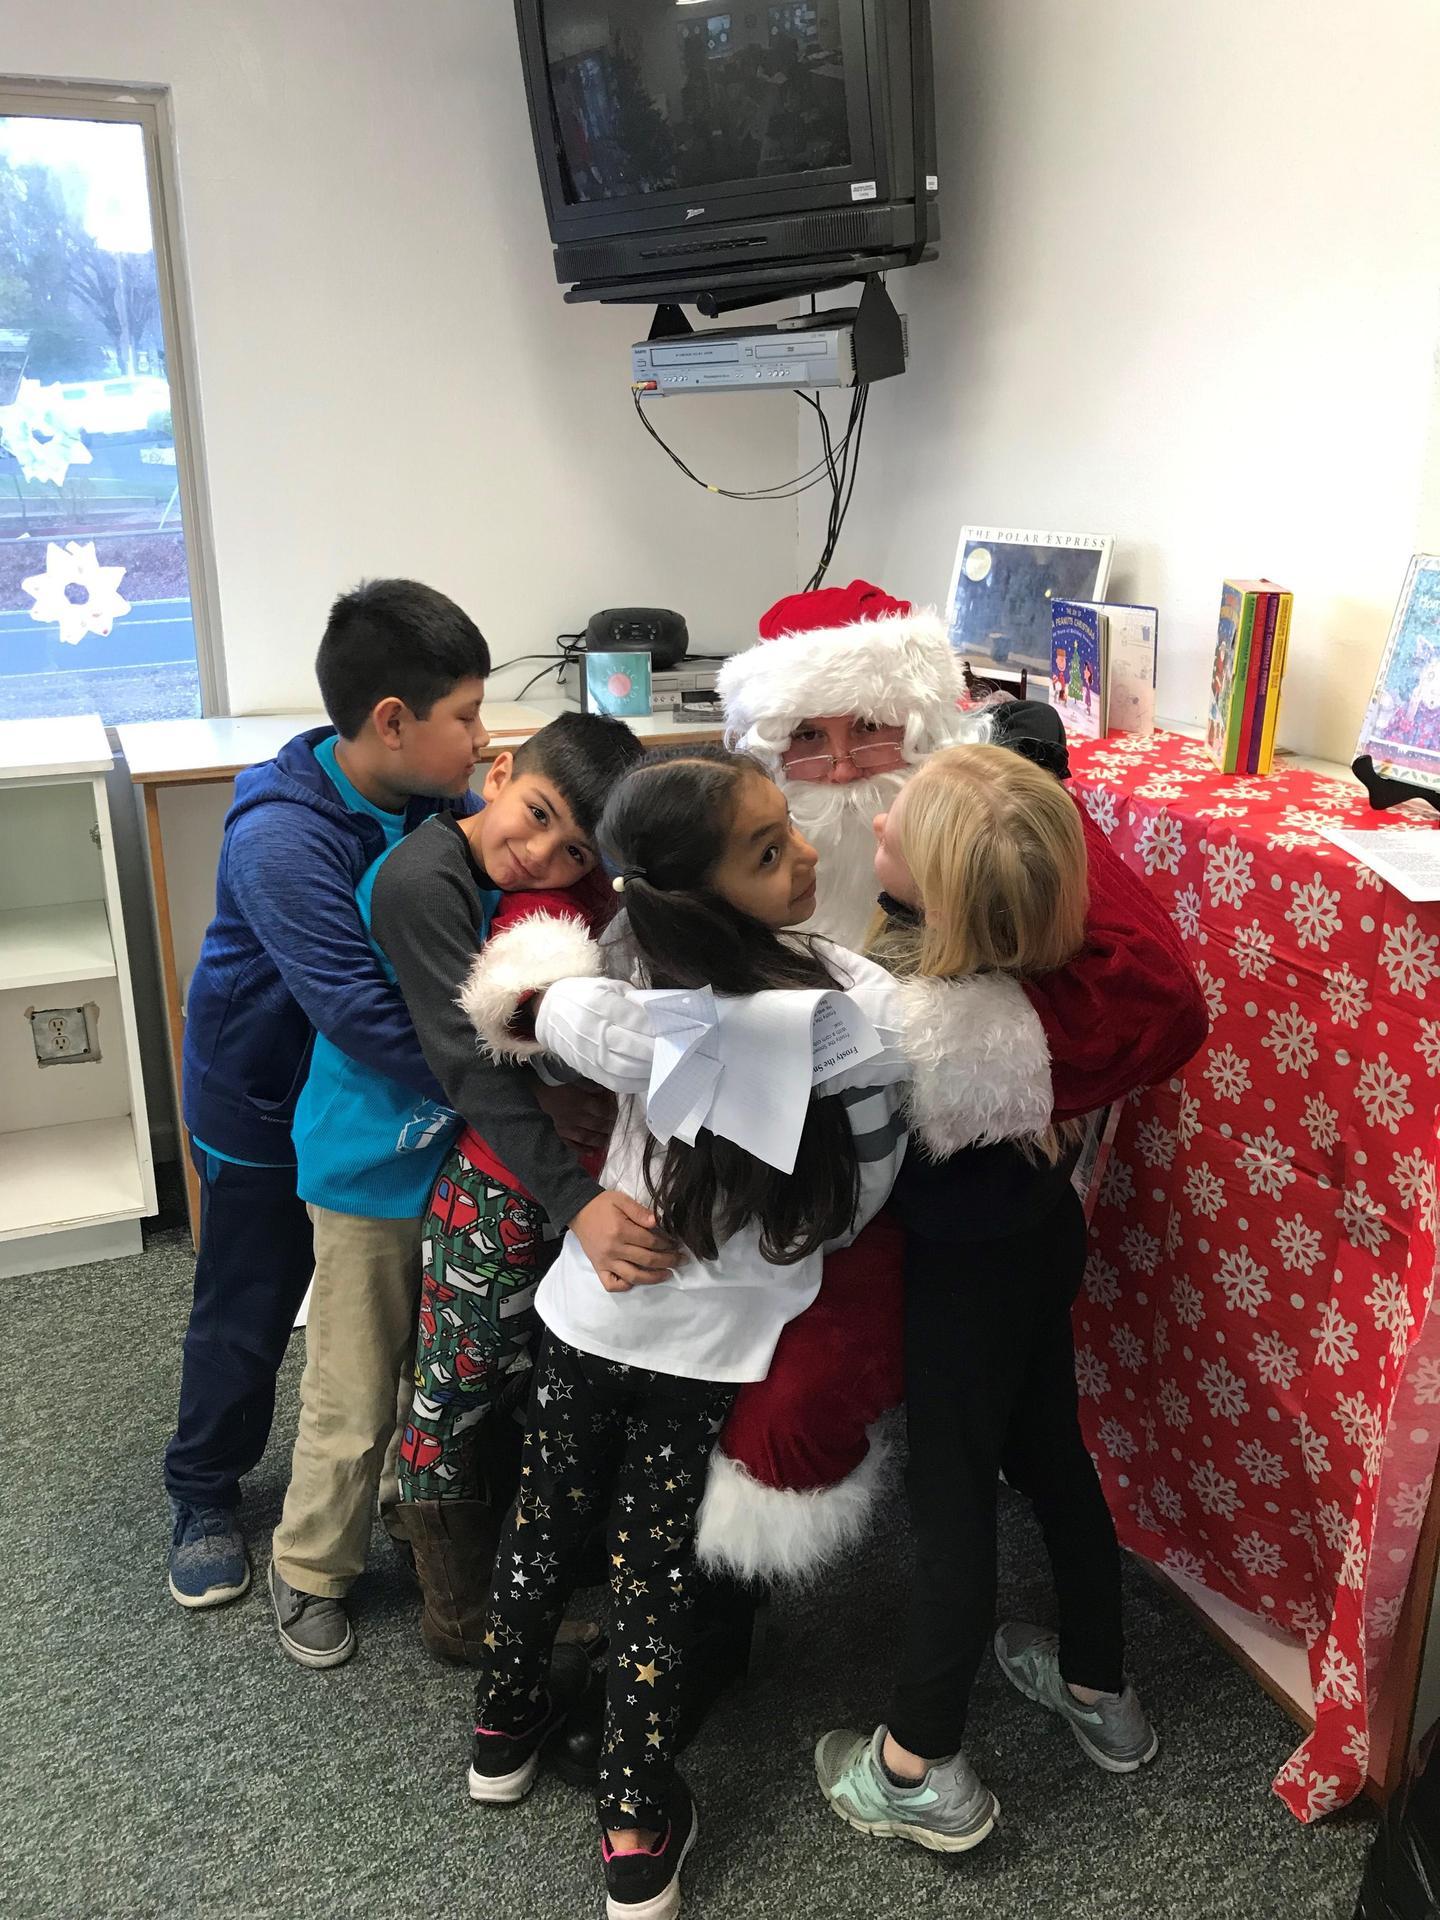 Big hug for santa at michelson 2018